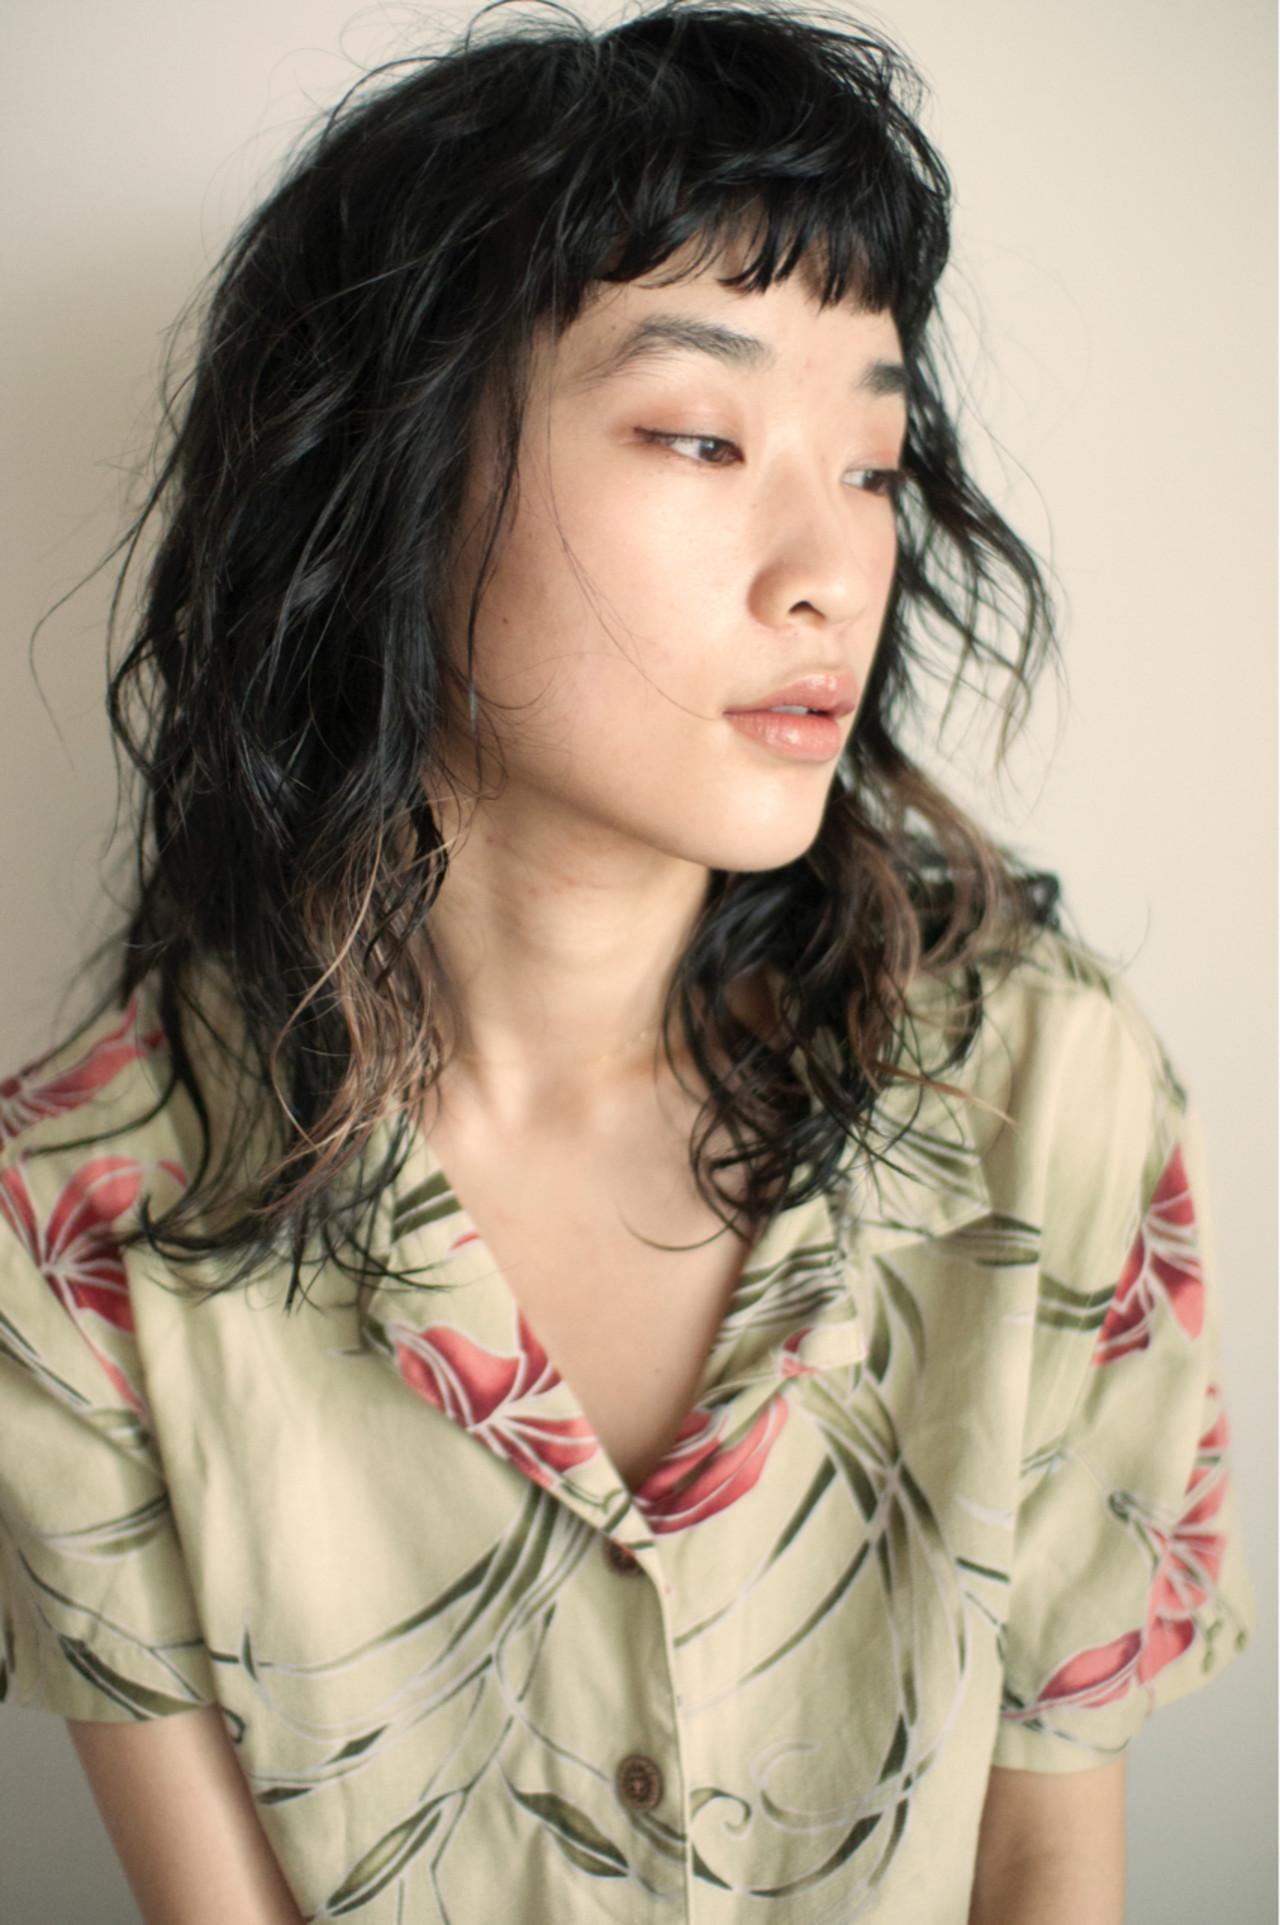 ウルフパーマなら無造作でちょっぴりワイルドに YUKINA / HOMIE TOKYO | HOMIE TOKYO